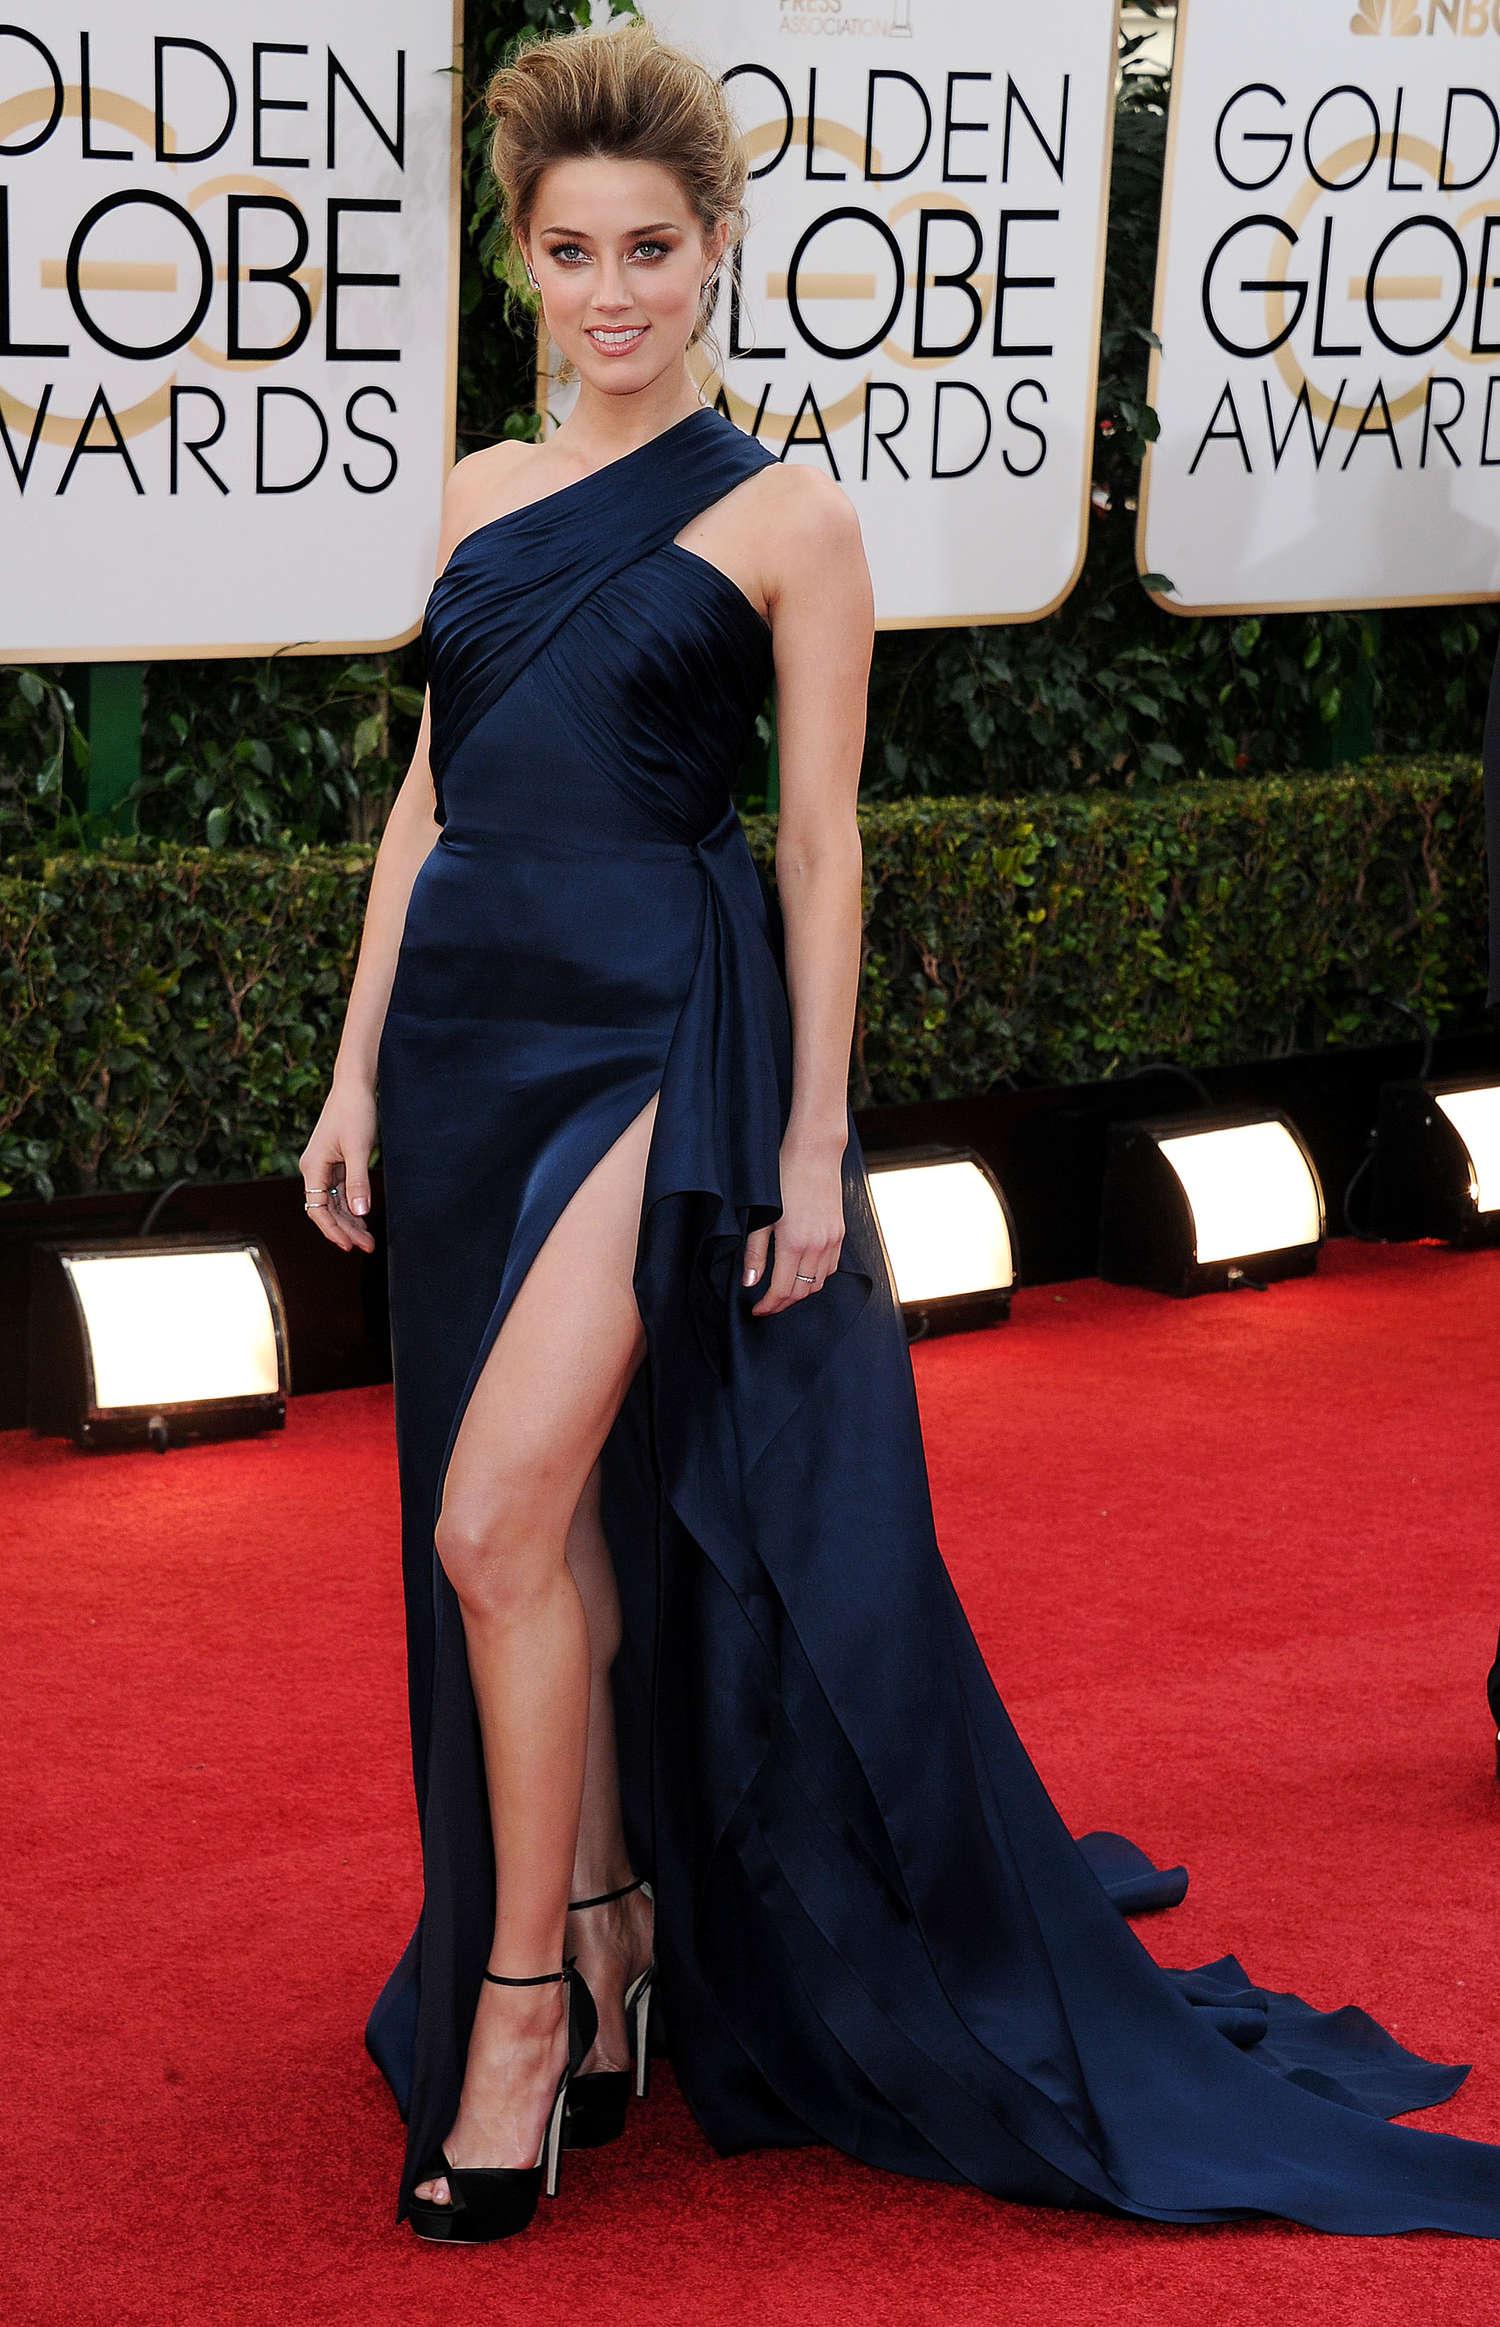 Amber Heard 2014 : Amber Heard: Golden Globe 2014 Awards -17